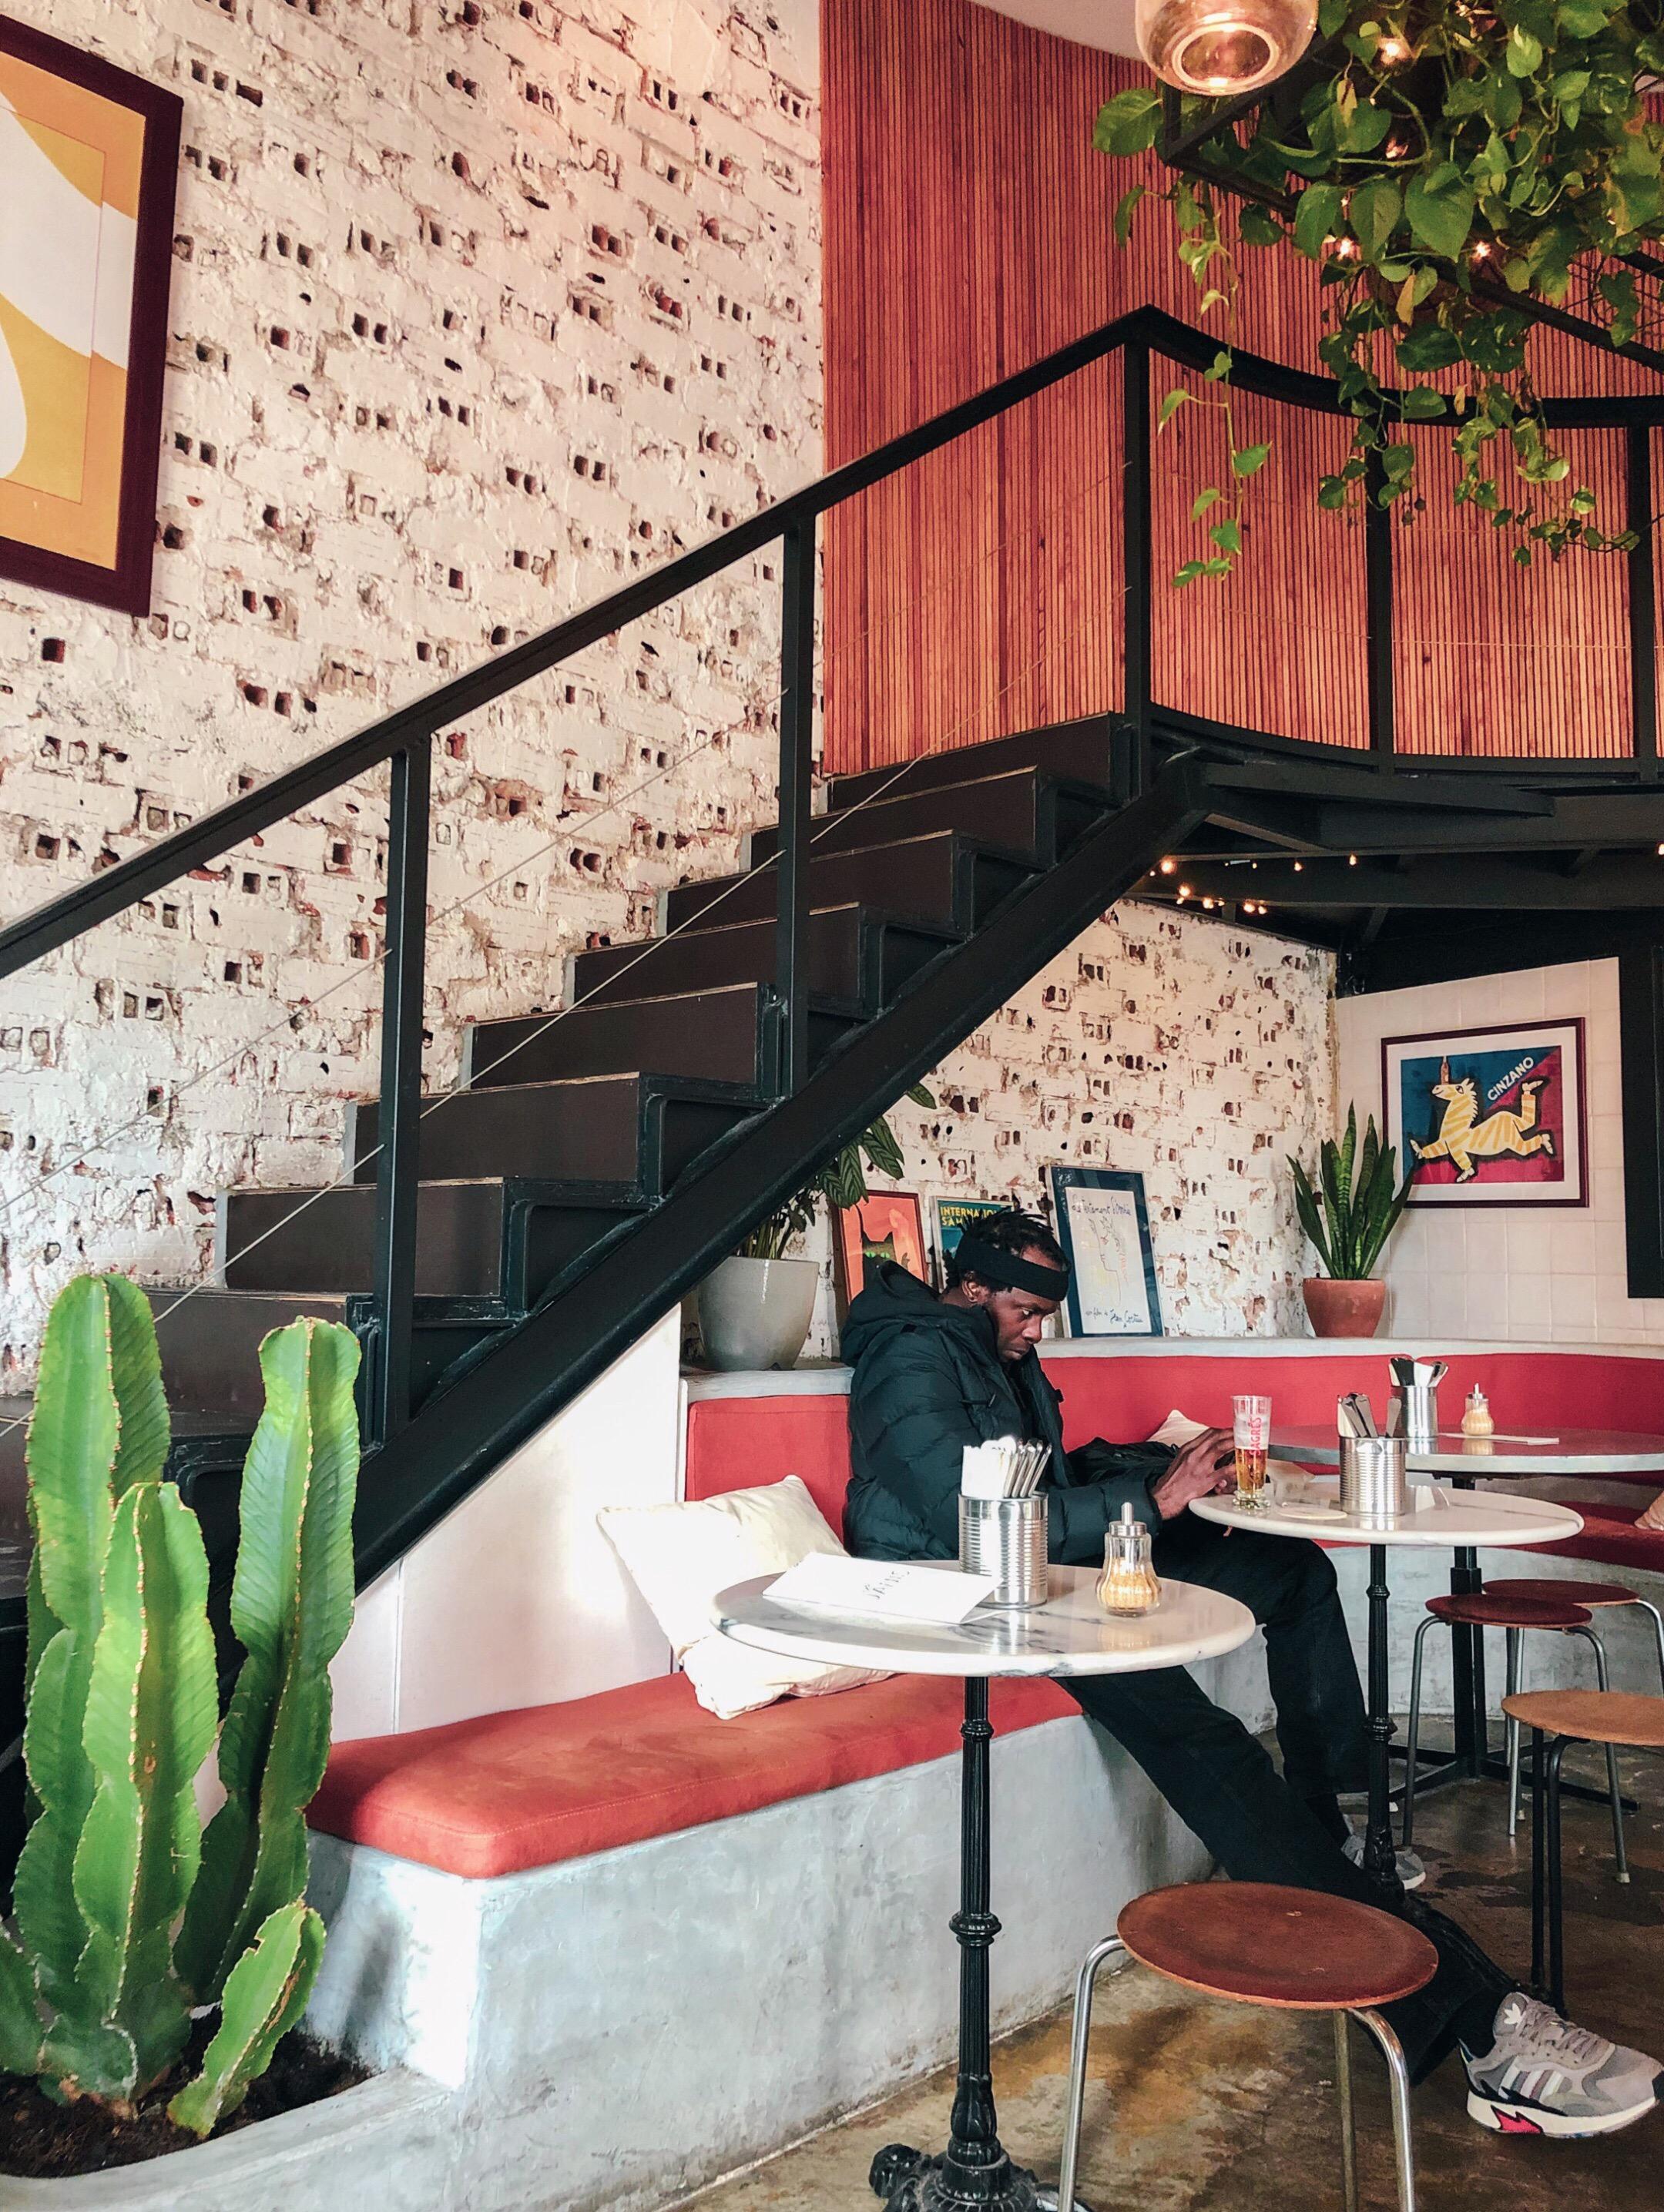 Interiors Café Janis